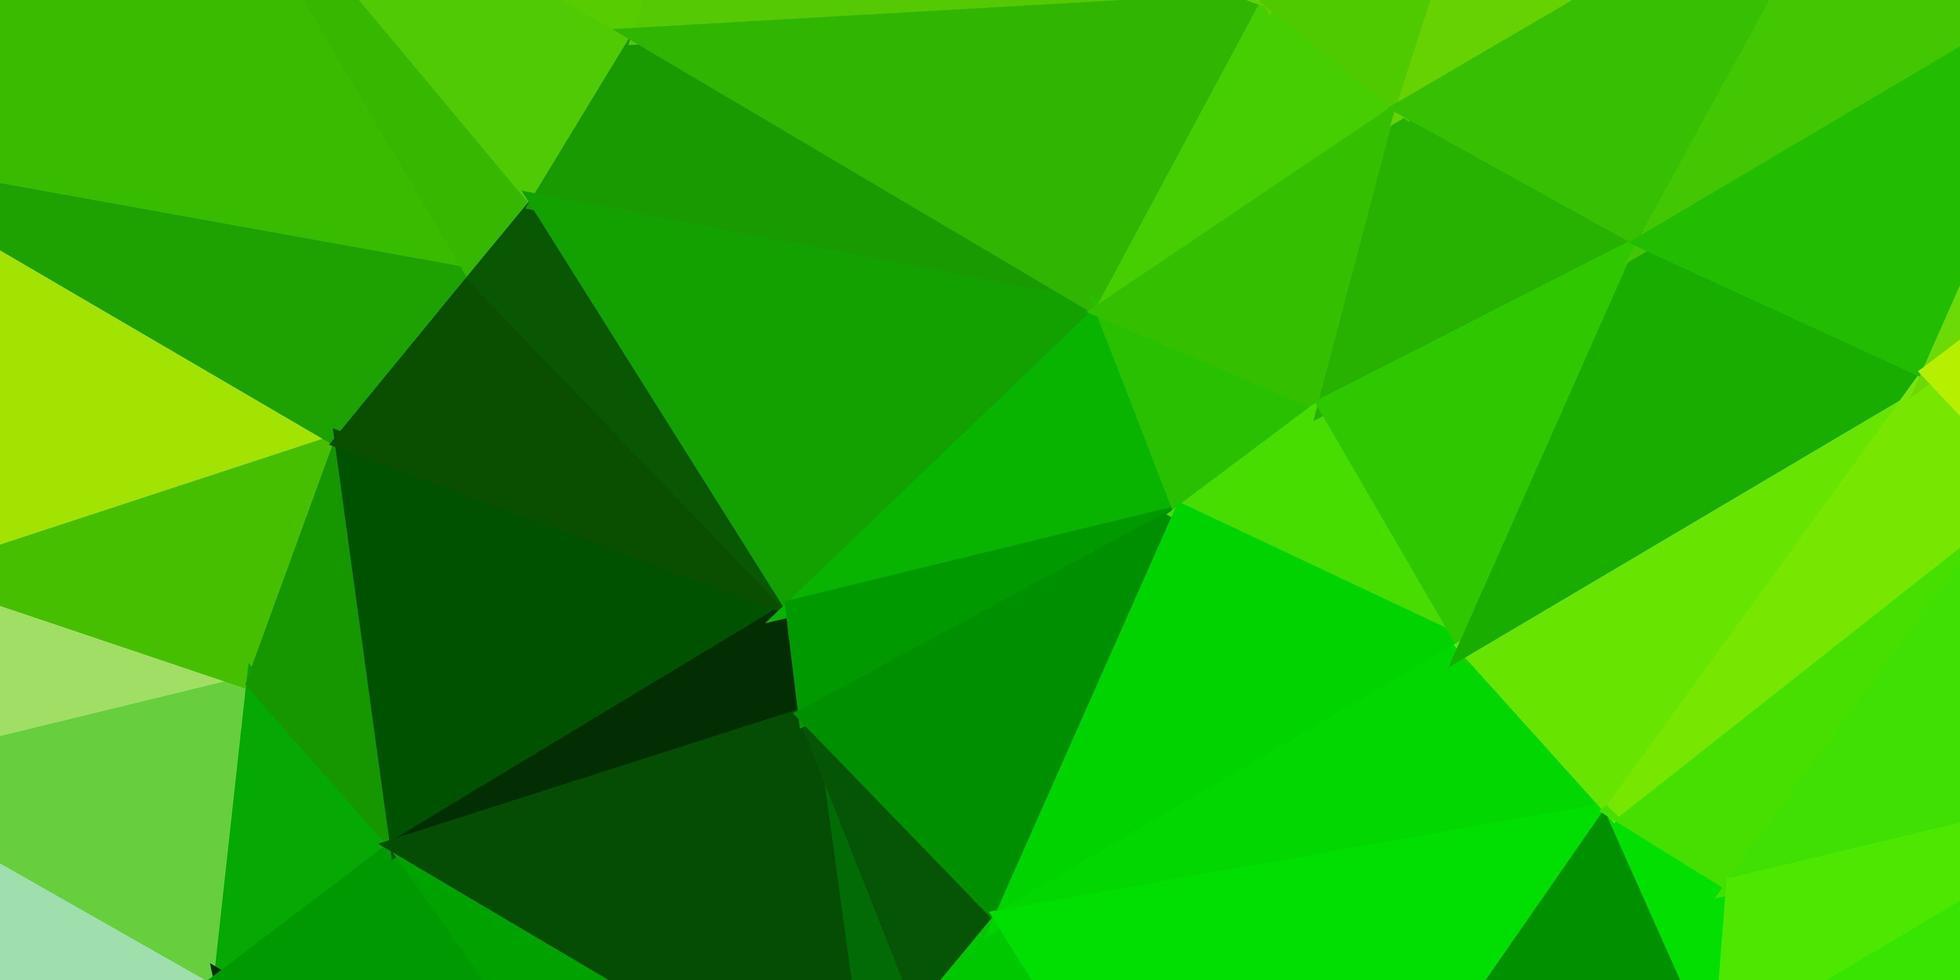 ljusgrön, gul vektor gradient polygon layout.